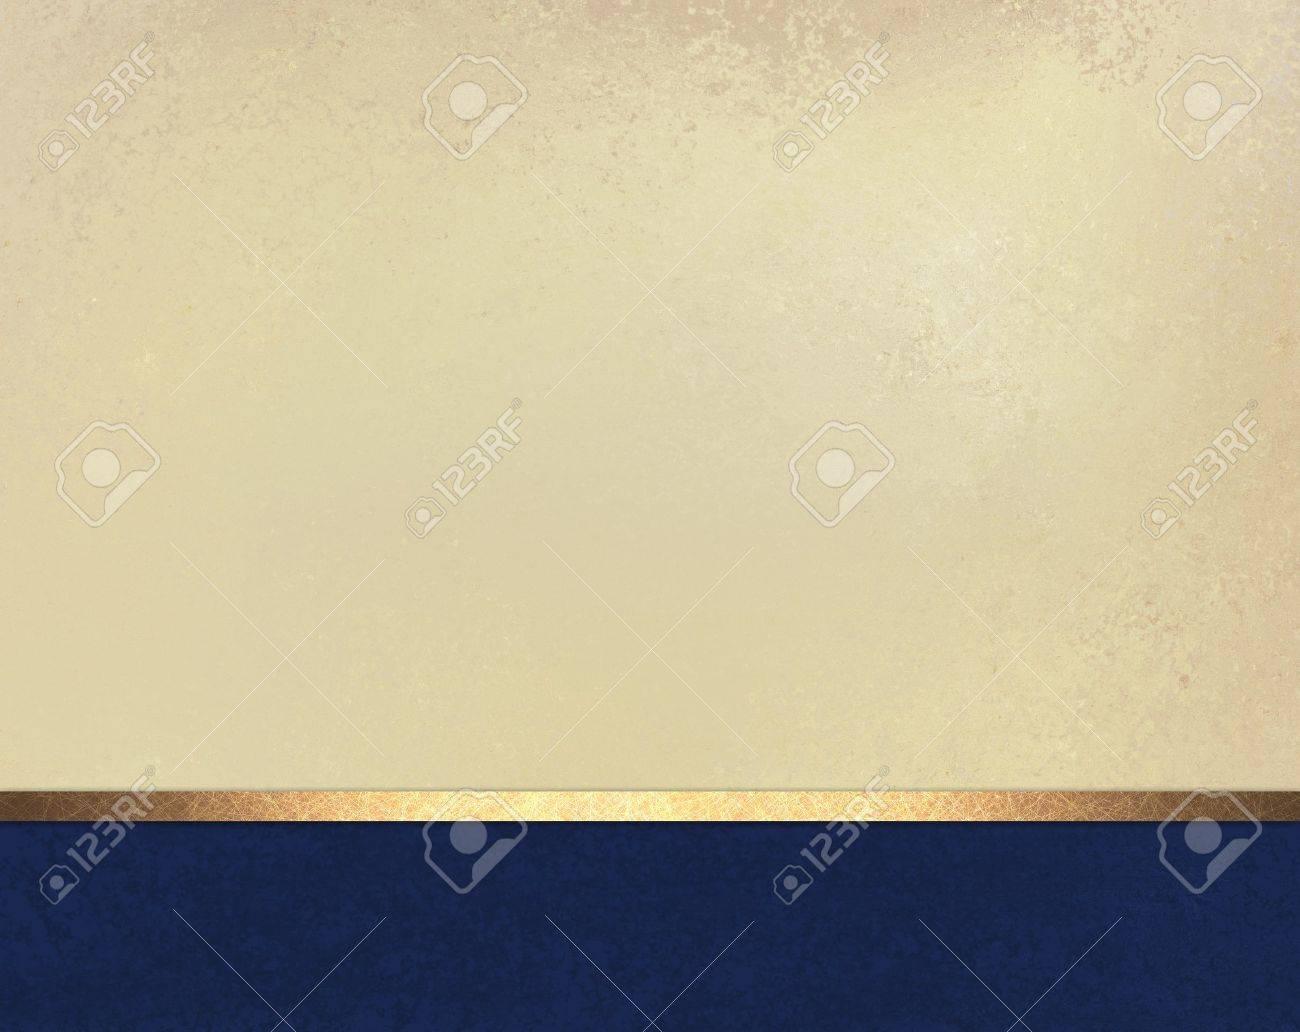 Immagini Stock Elegante Bianco Disegno Beige Layout Di Sfondo Con